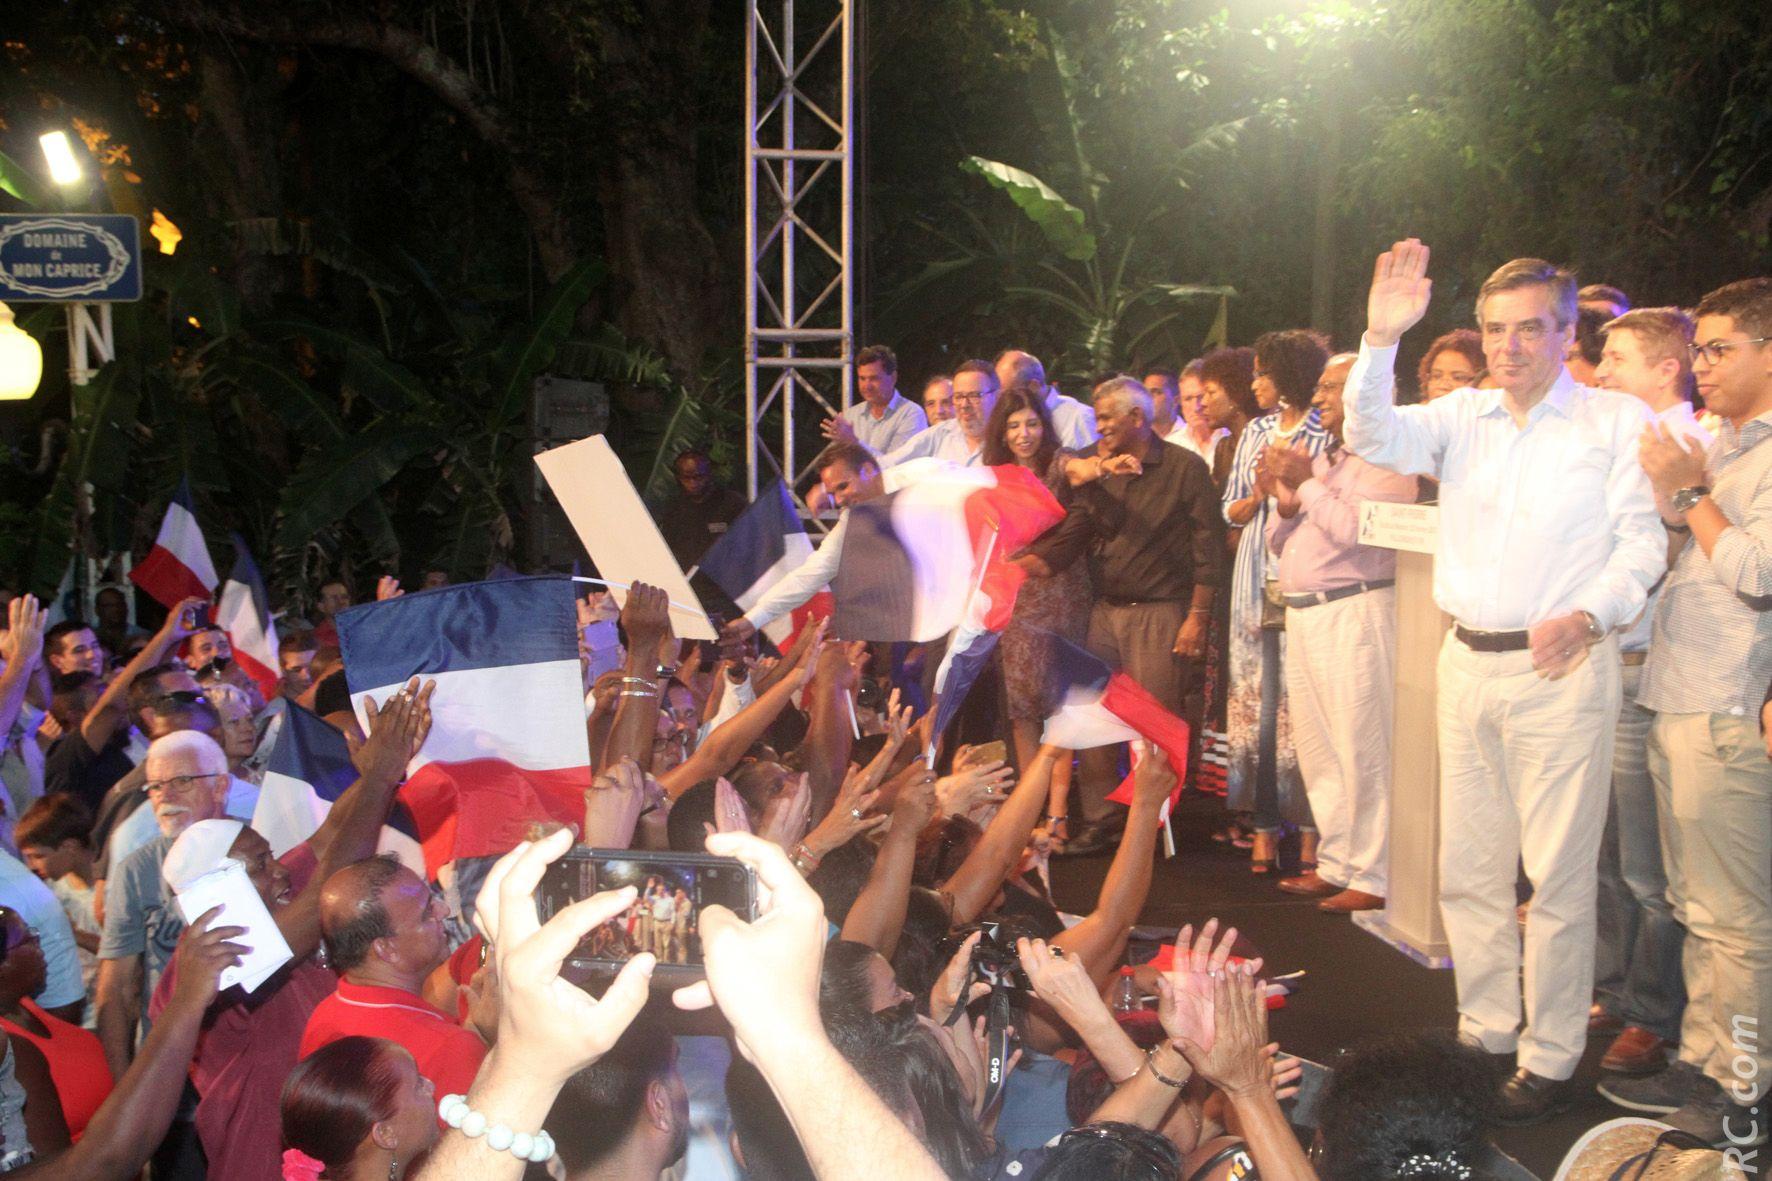 Politique : François Fillon acclamé à Saint-Pierre